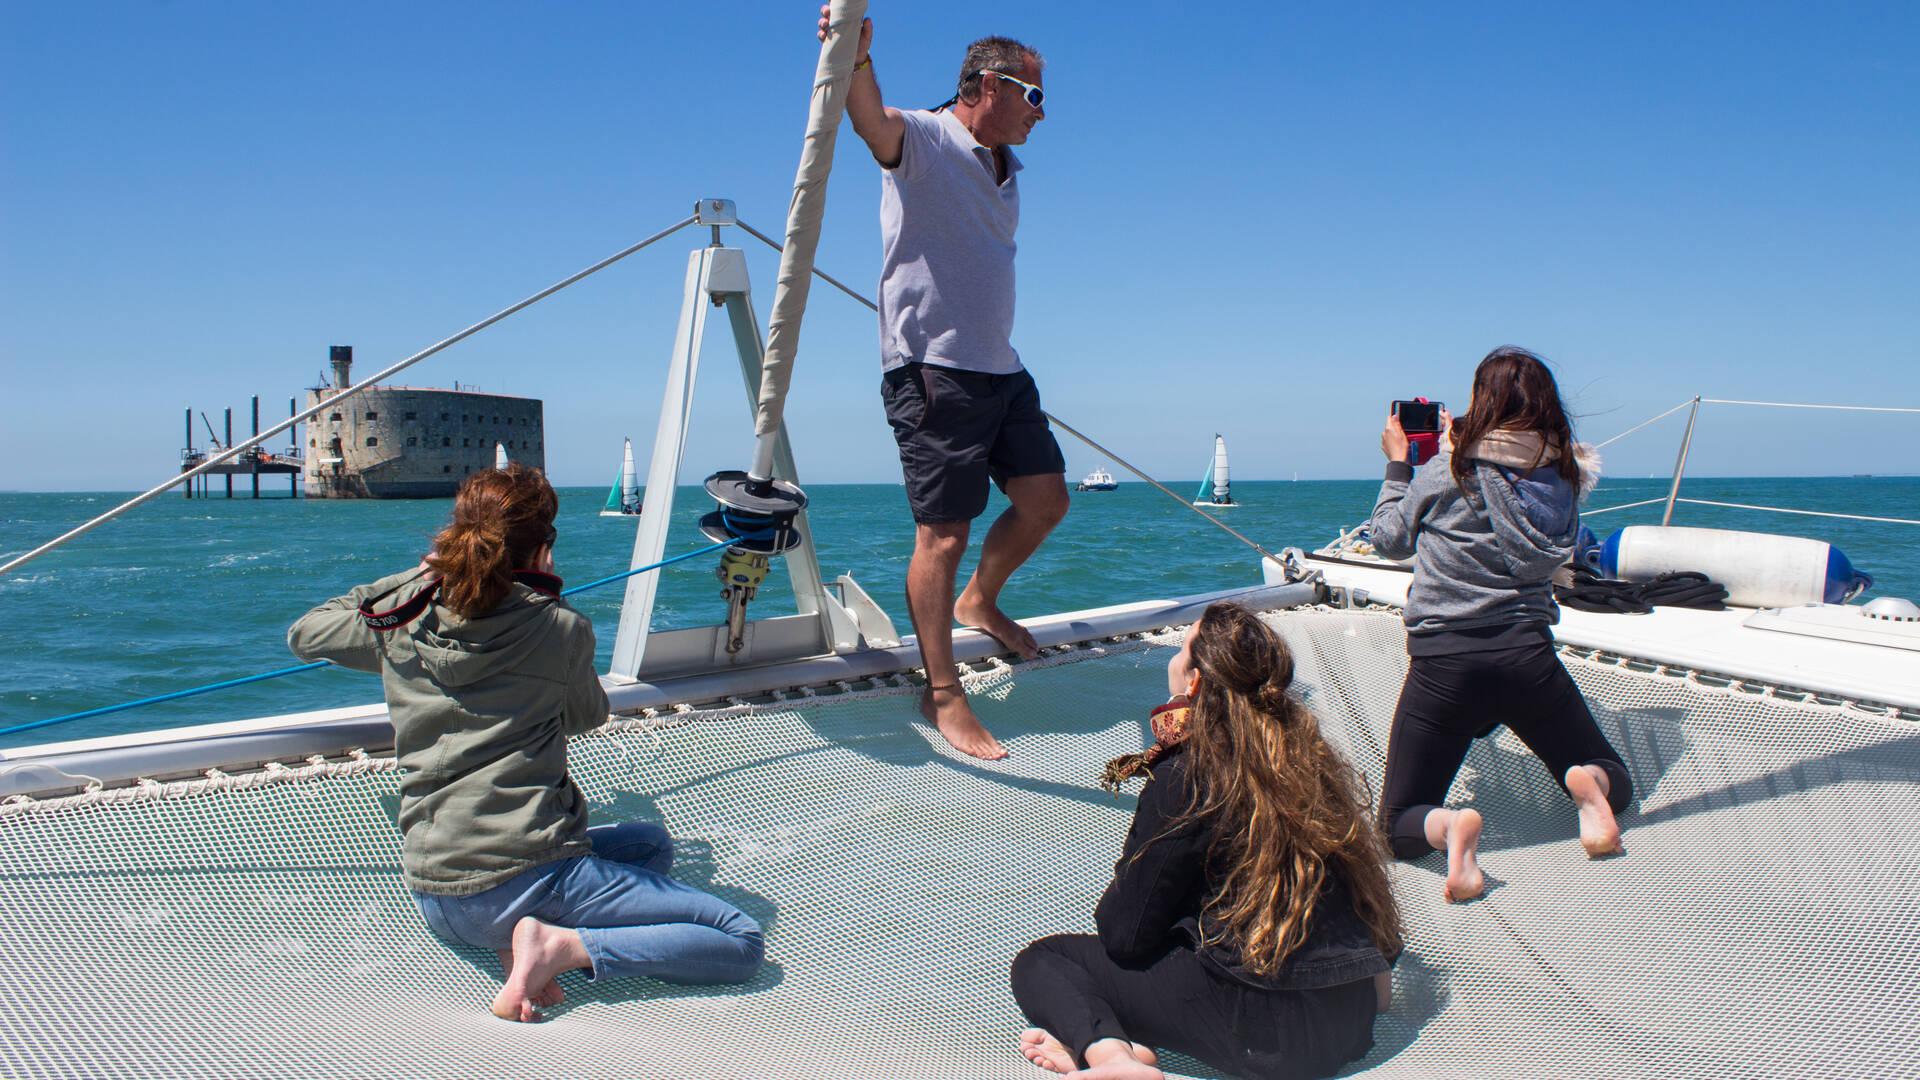 Nautisme, cap vers fort Boyard en catamaran avec Boyard Croisière, Fouras, Rochefort Océan